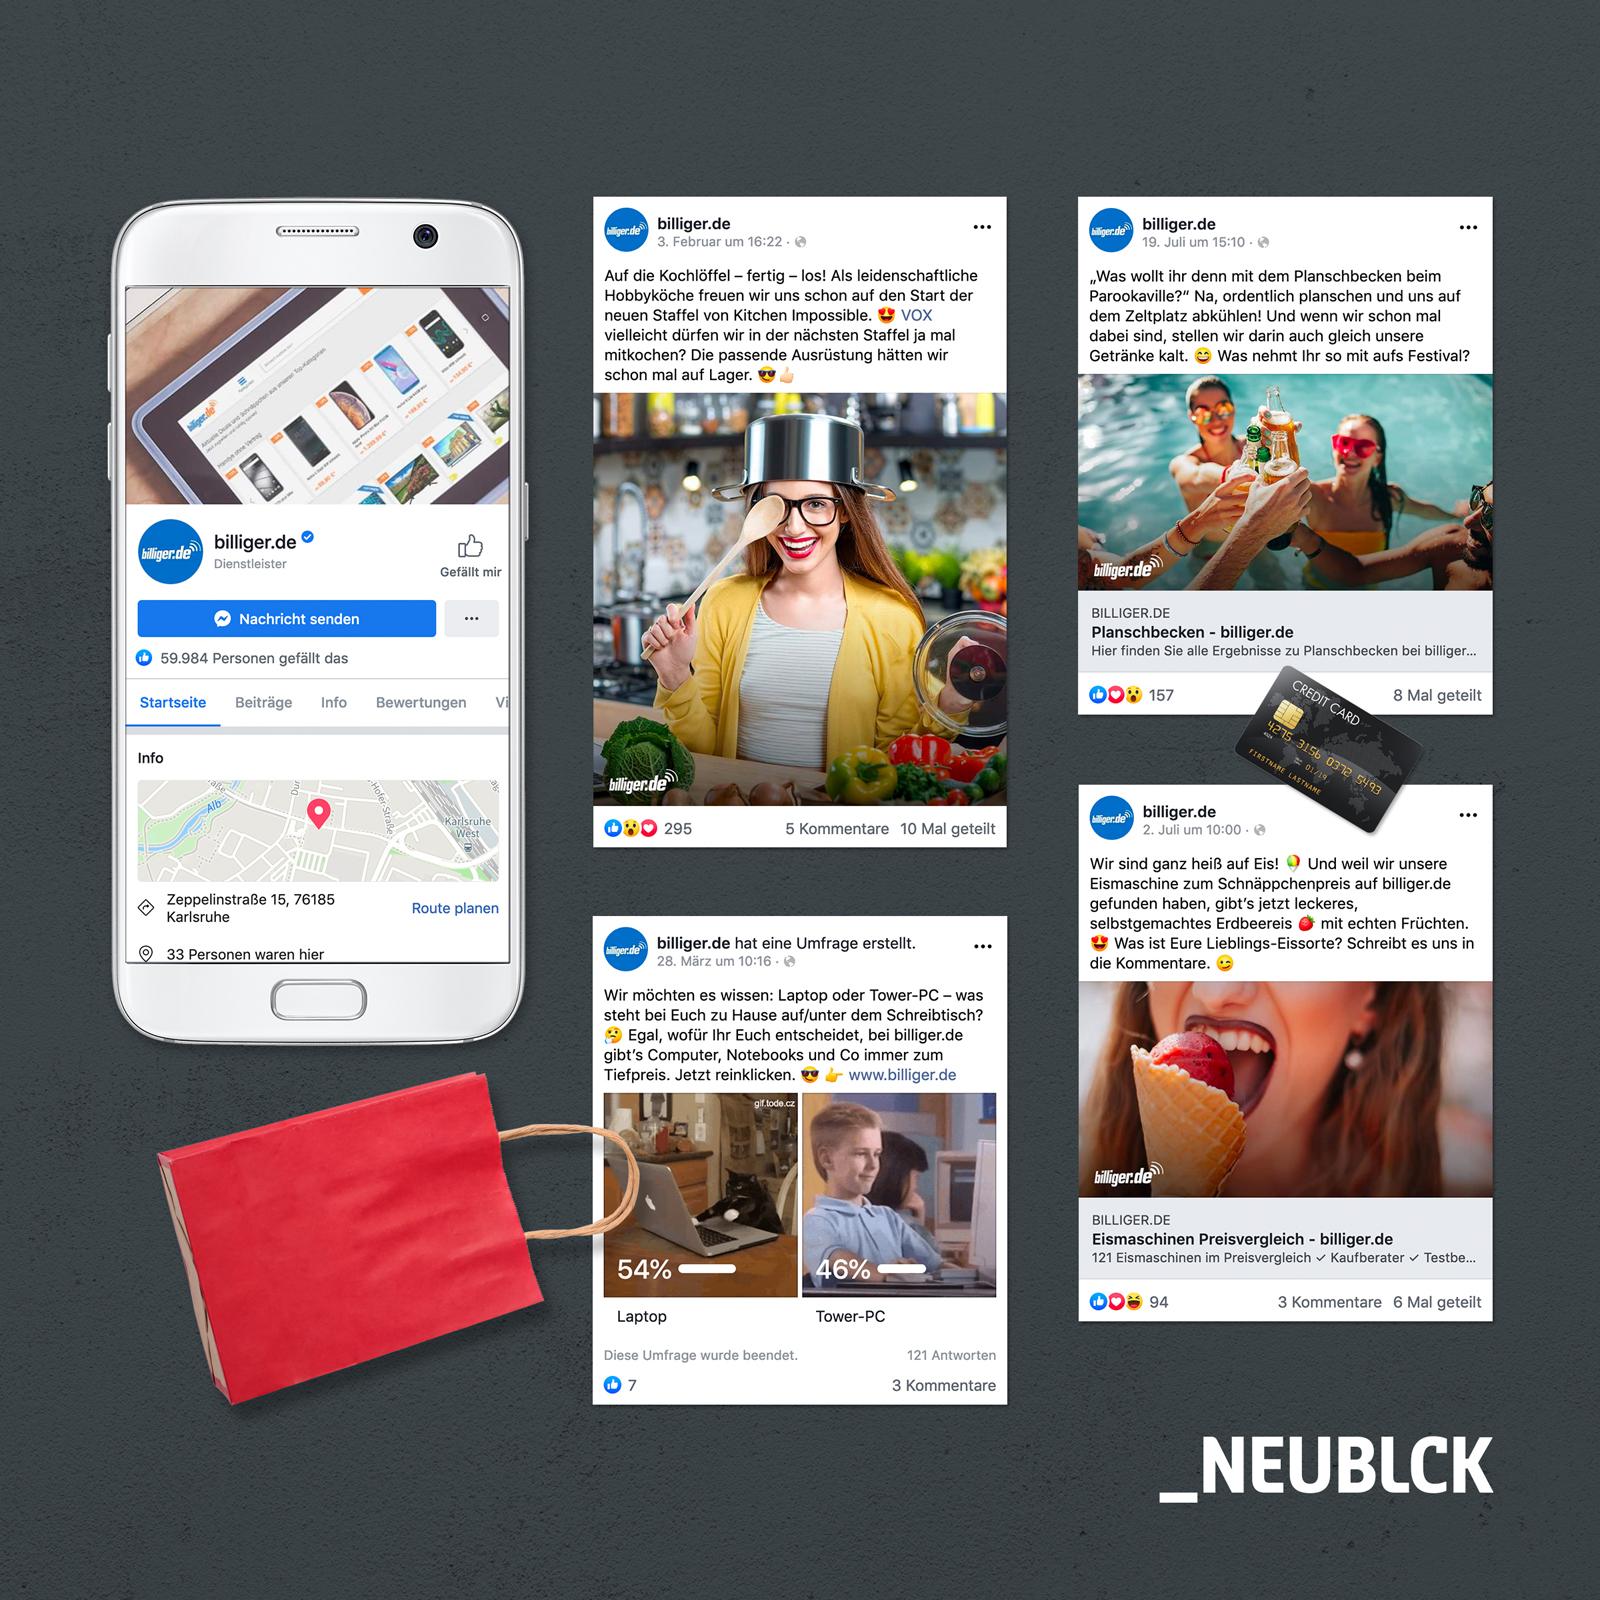 billiger.de: Social Media Betreuung